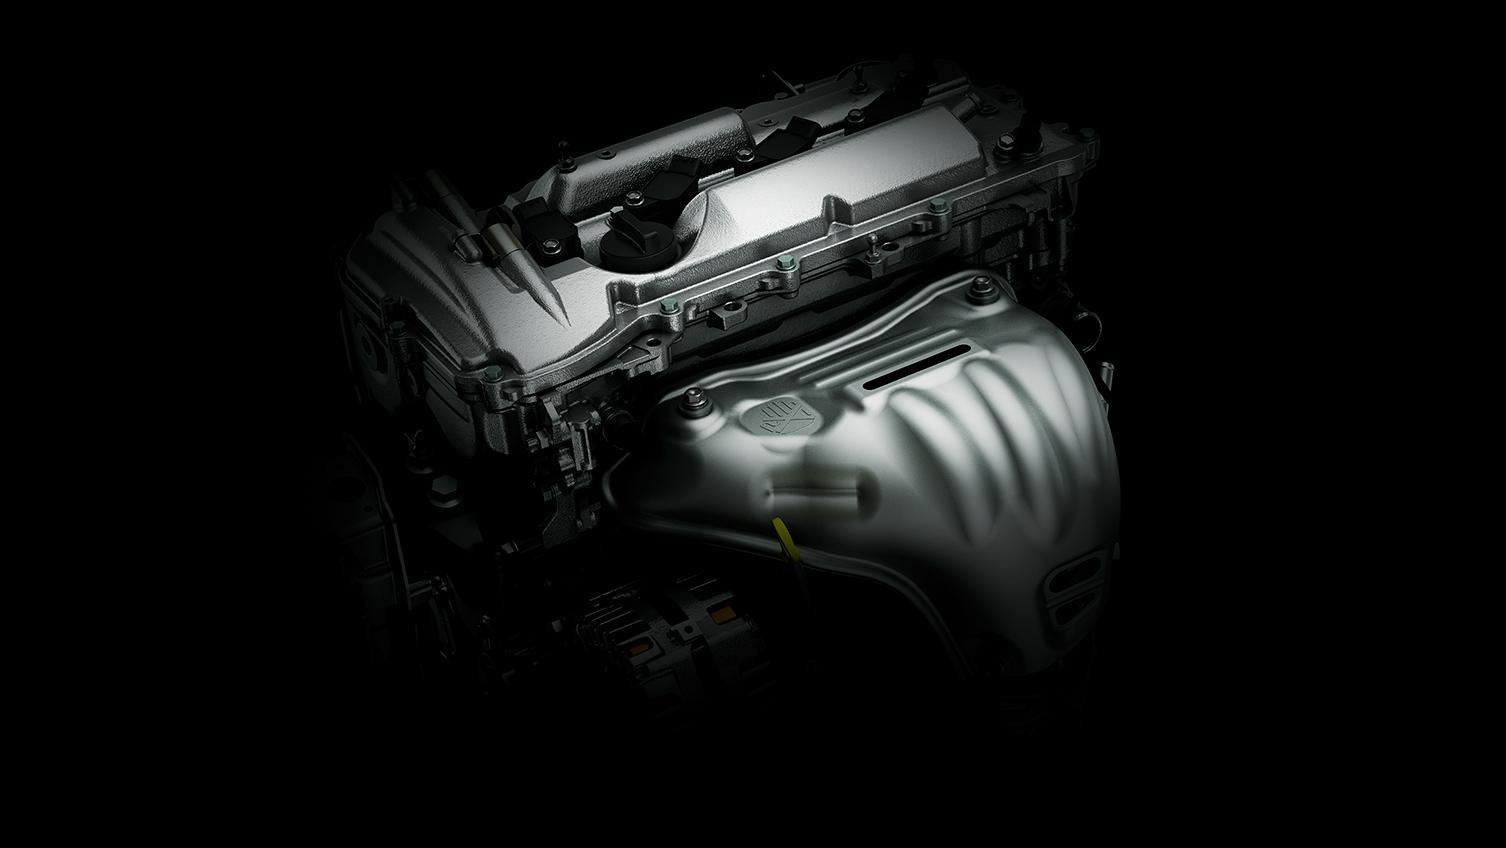 ヴェルファイア_2.5Lエンジン